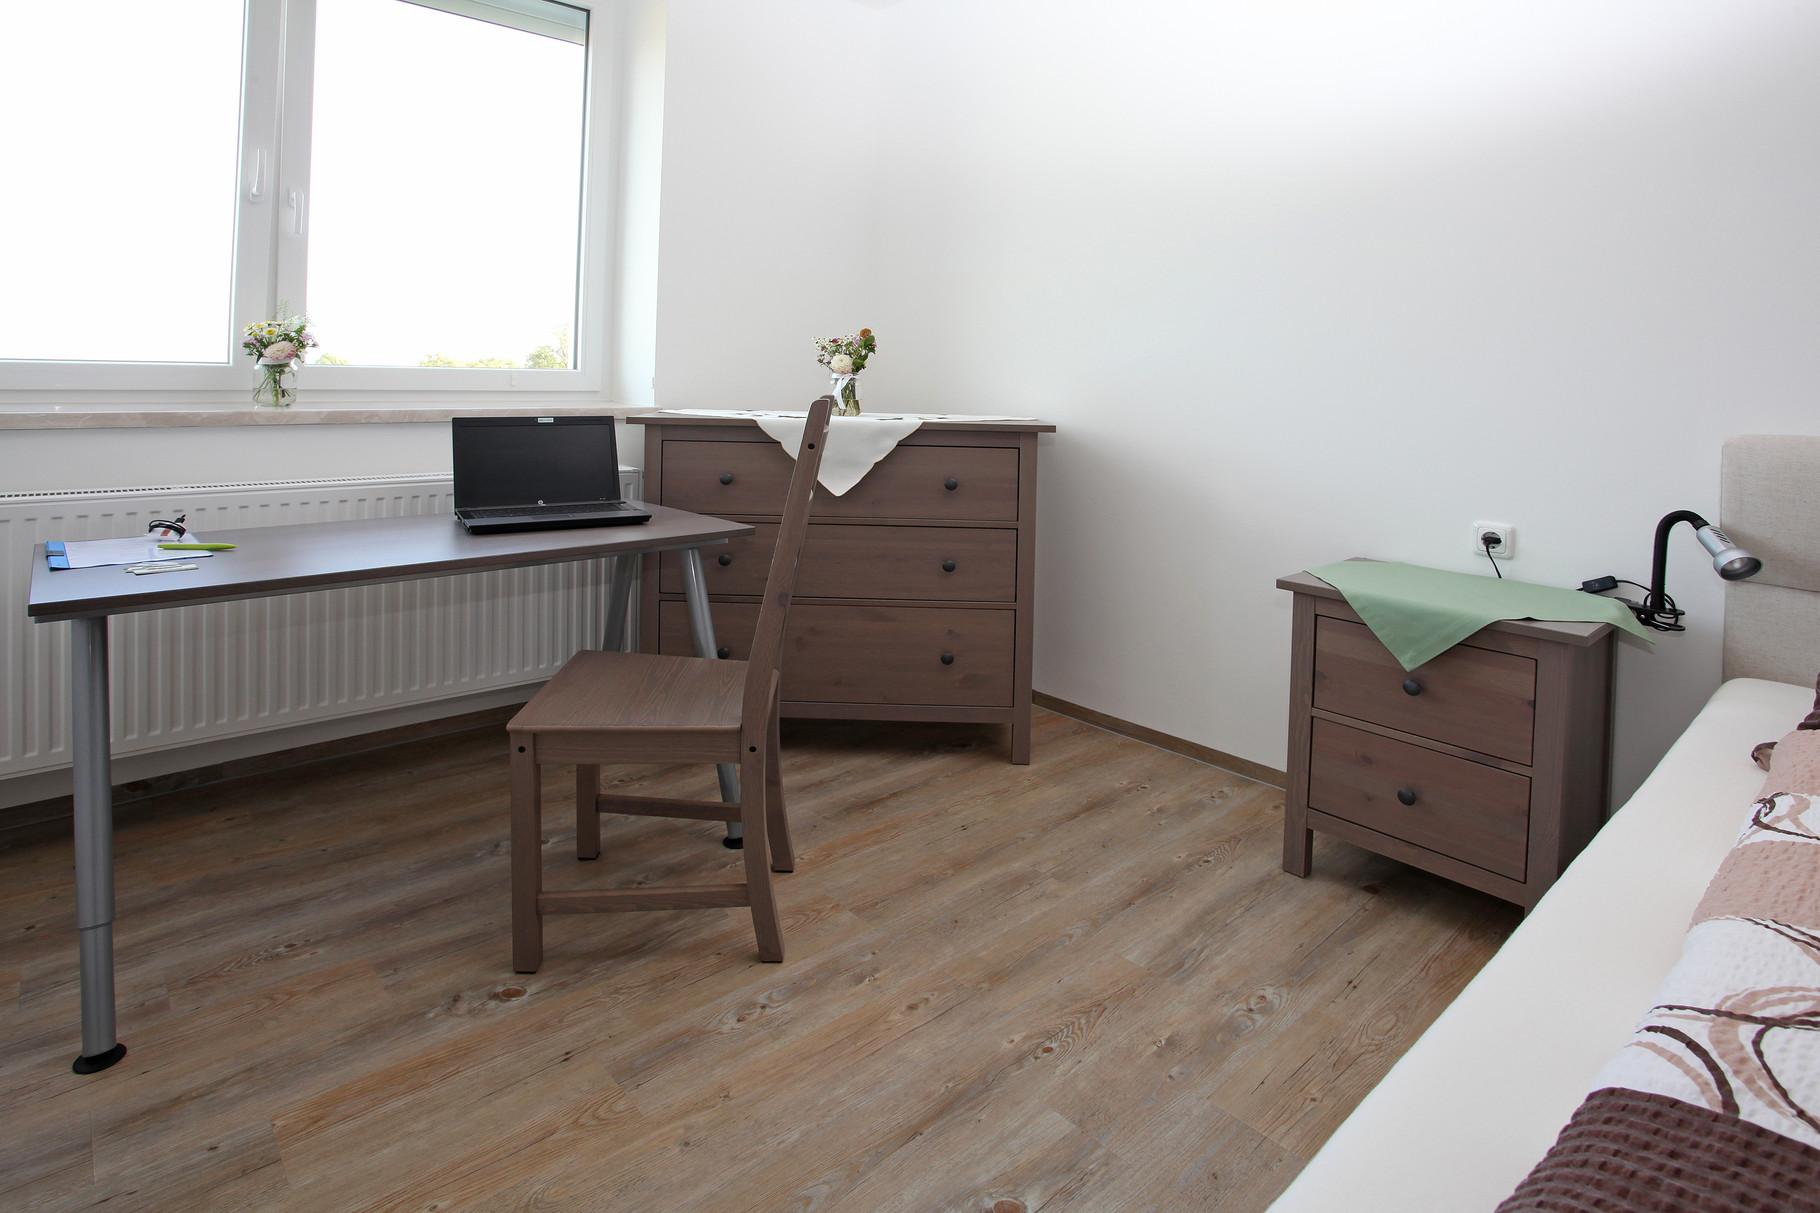 Doppelzimmer ab 900,-/Monat